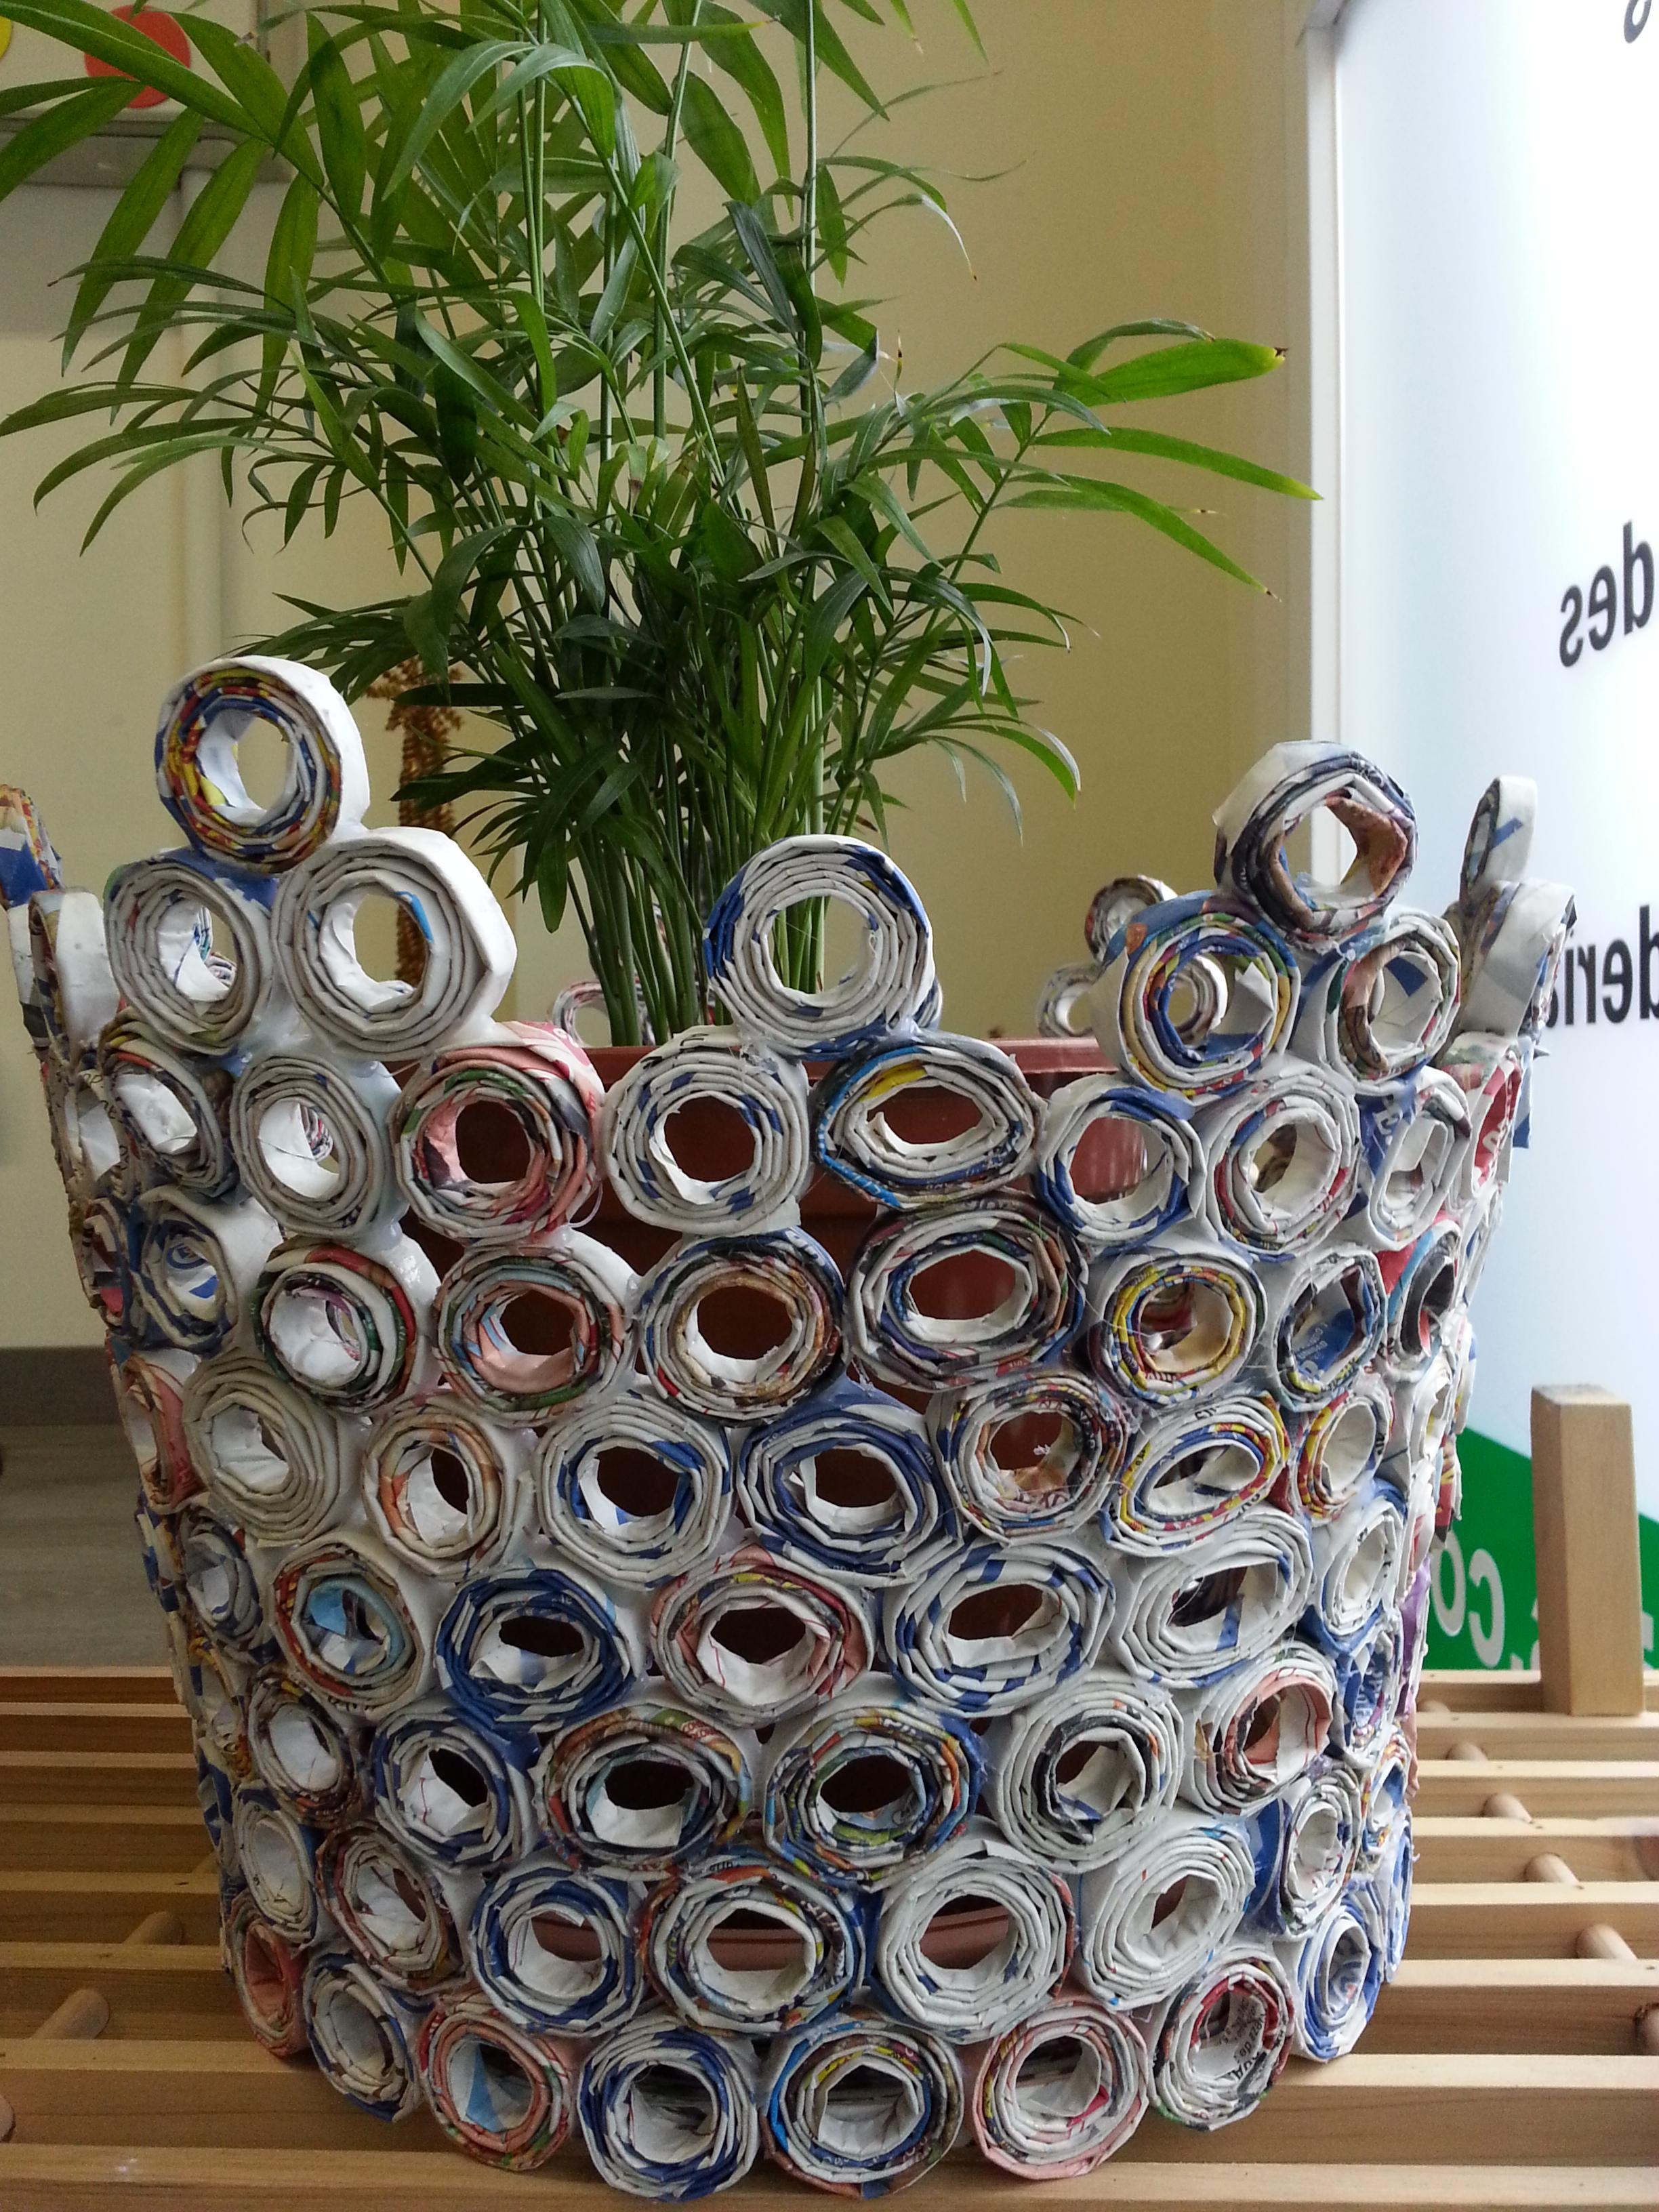 Cestas hechas de papel periodico elblogdeslmcee - Hacer cestas con papel de periodico ...